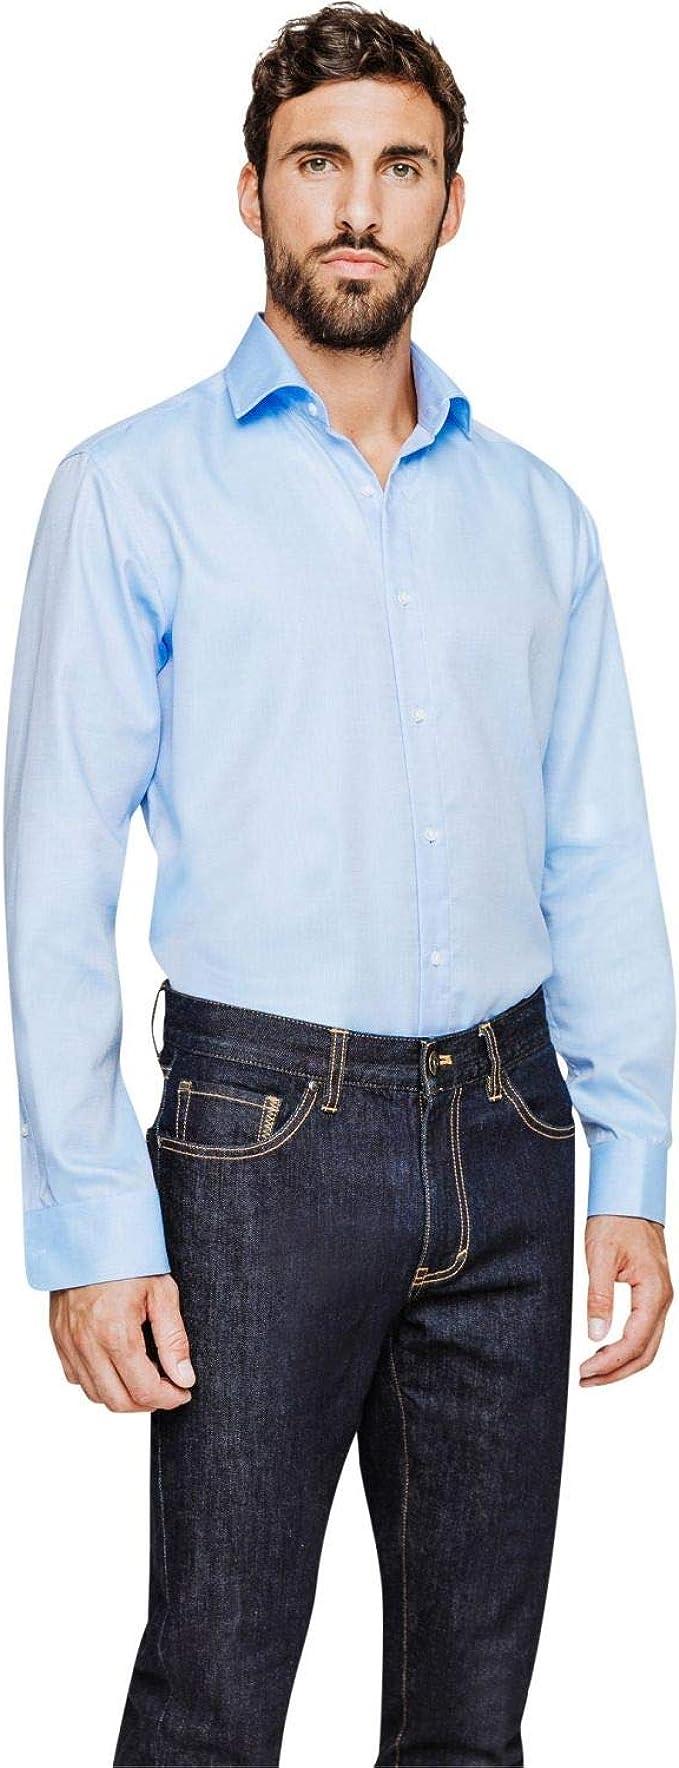 Arrow - Camisa regular sin planchar, de algodón, color azul